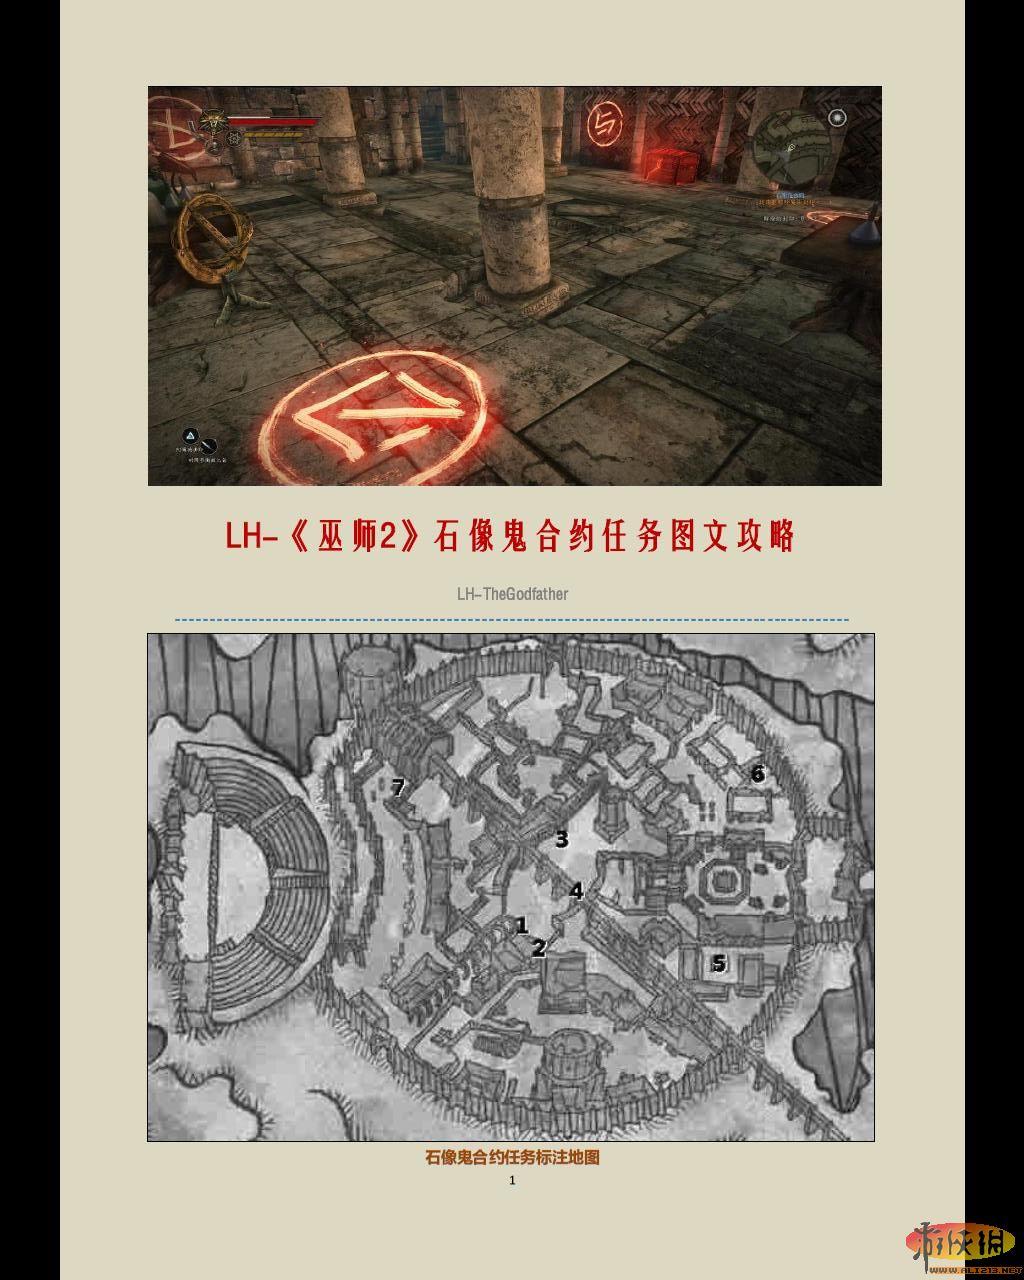 《巫师2:刺客之王》石像鬼合约任务背景介绍